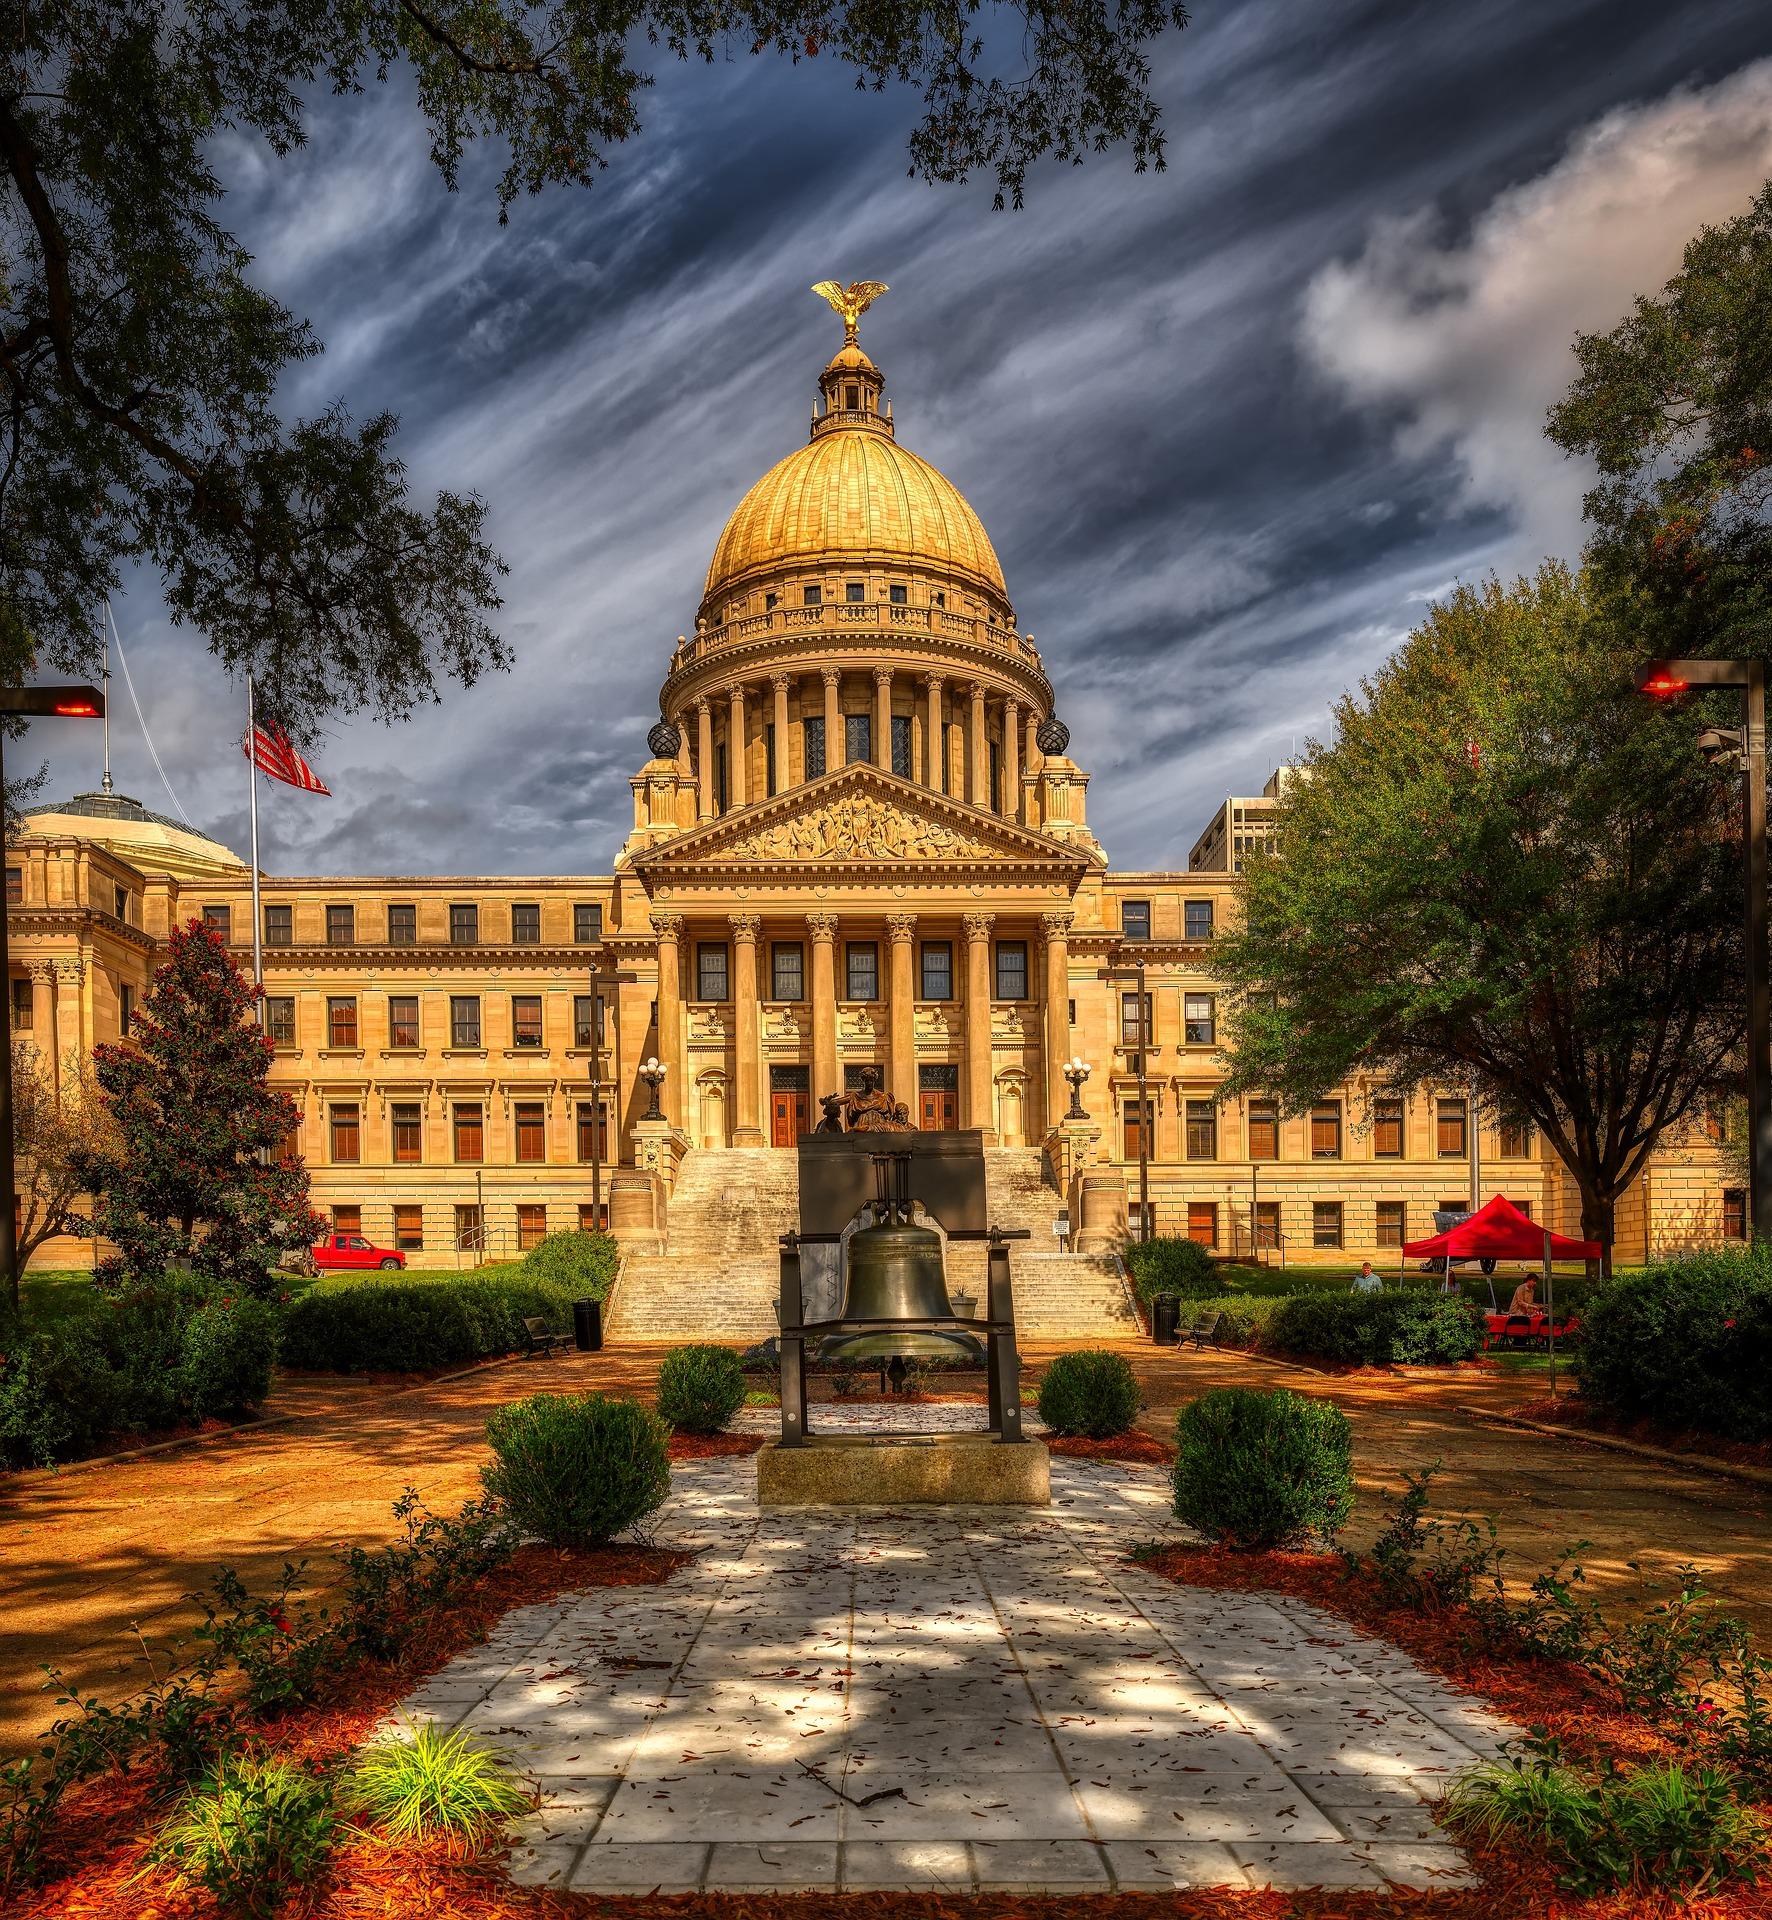 Elegant golden-domed capitol building.